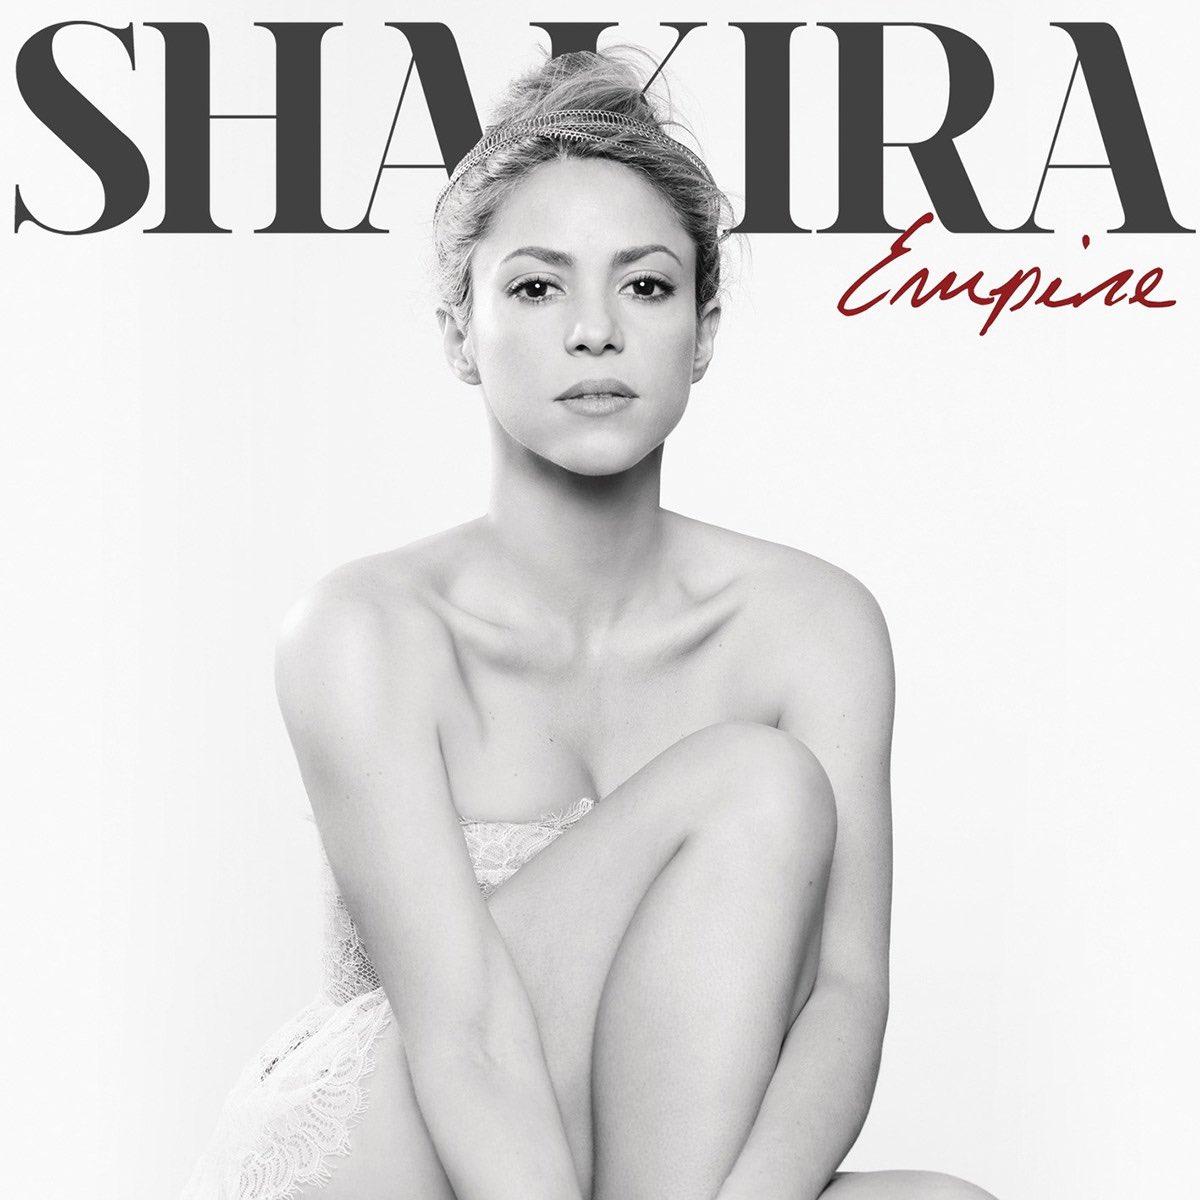 """Hoy, hace 7 años, Shakira lanzaba """"Empire"""" como segundo sencillo de """"SHAKIRA."""".  La canción alcanzó el puesto #58 en el Billboard Hot 100 de Estados Unidos y recibió certificado platino por la RIAA por 1 millón de copias vendidas legales. Además, alcanzó el #25 en UK Singles!"""